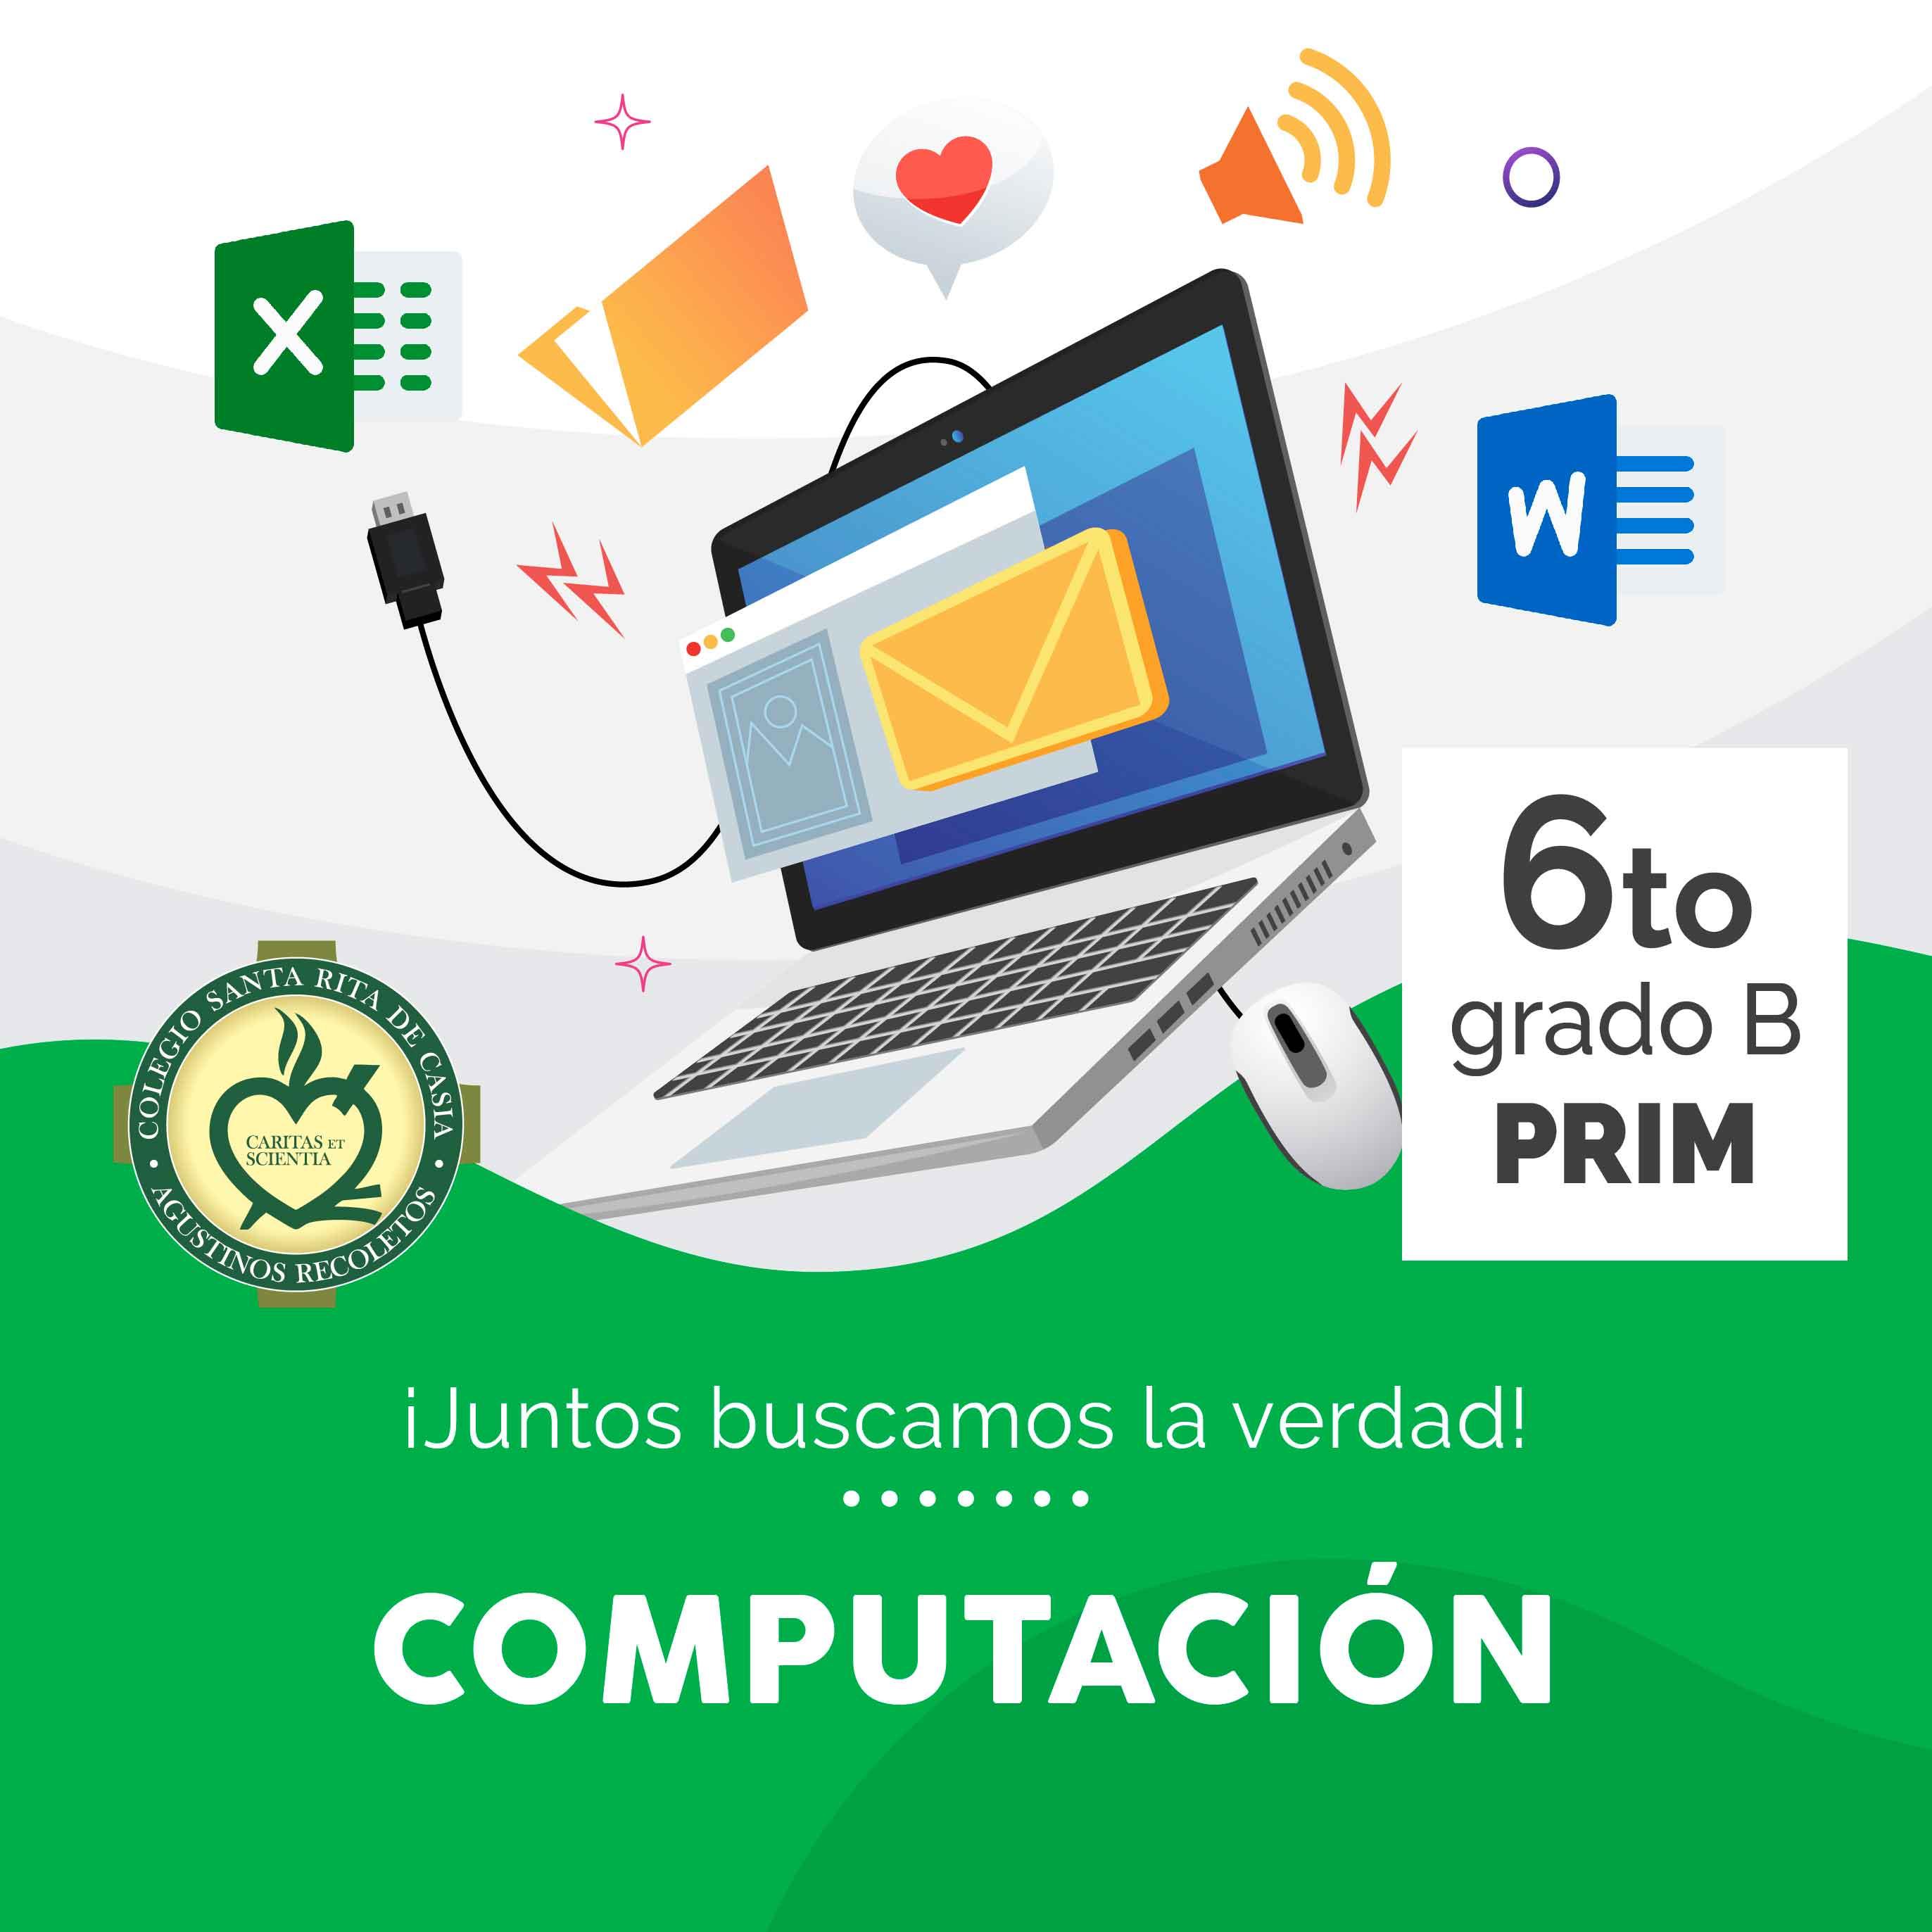 Computación 6to Grado B